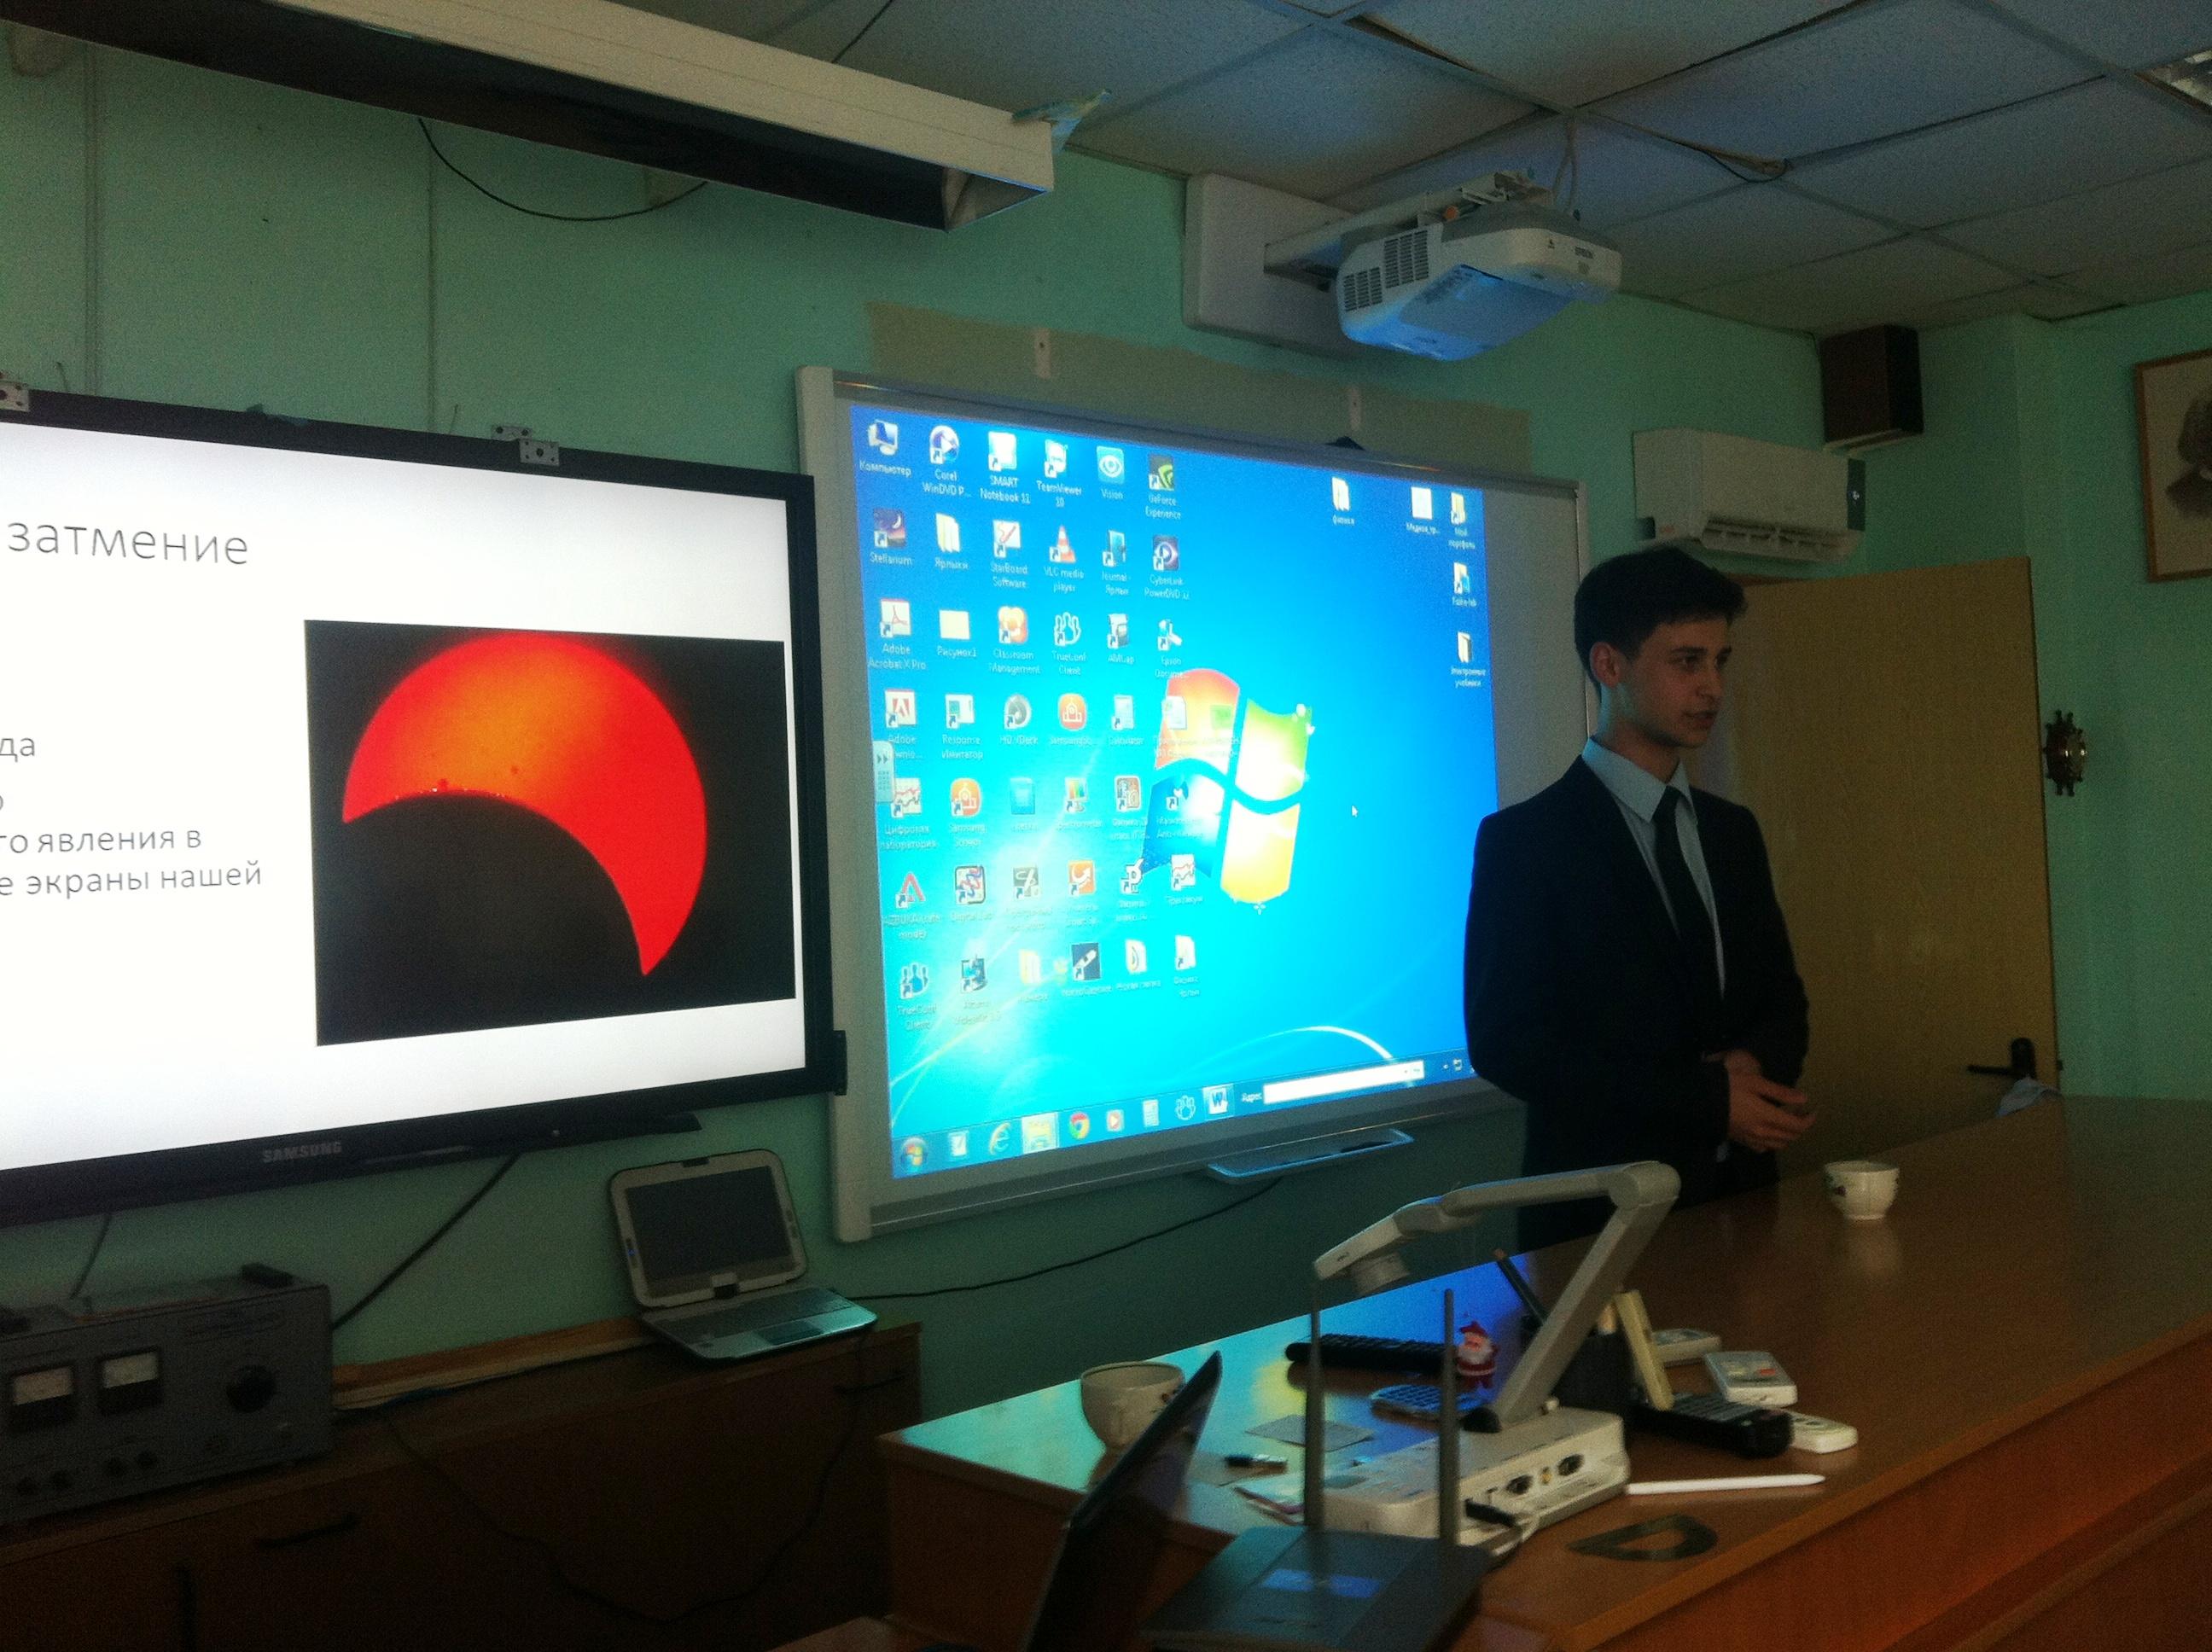 Отчет Никиты Самойлова о работе ШНО Поиск в 2015 году